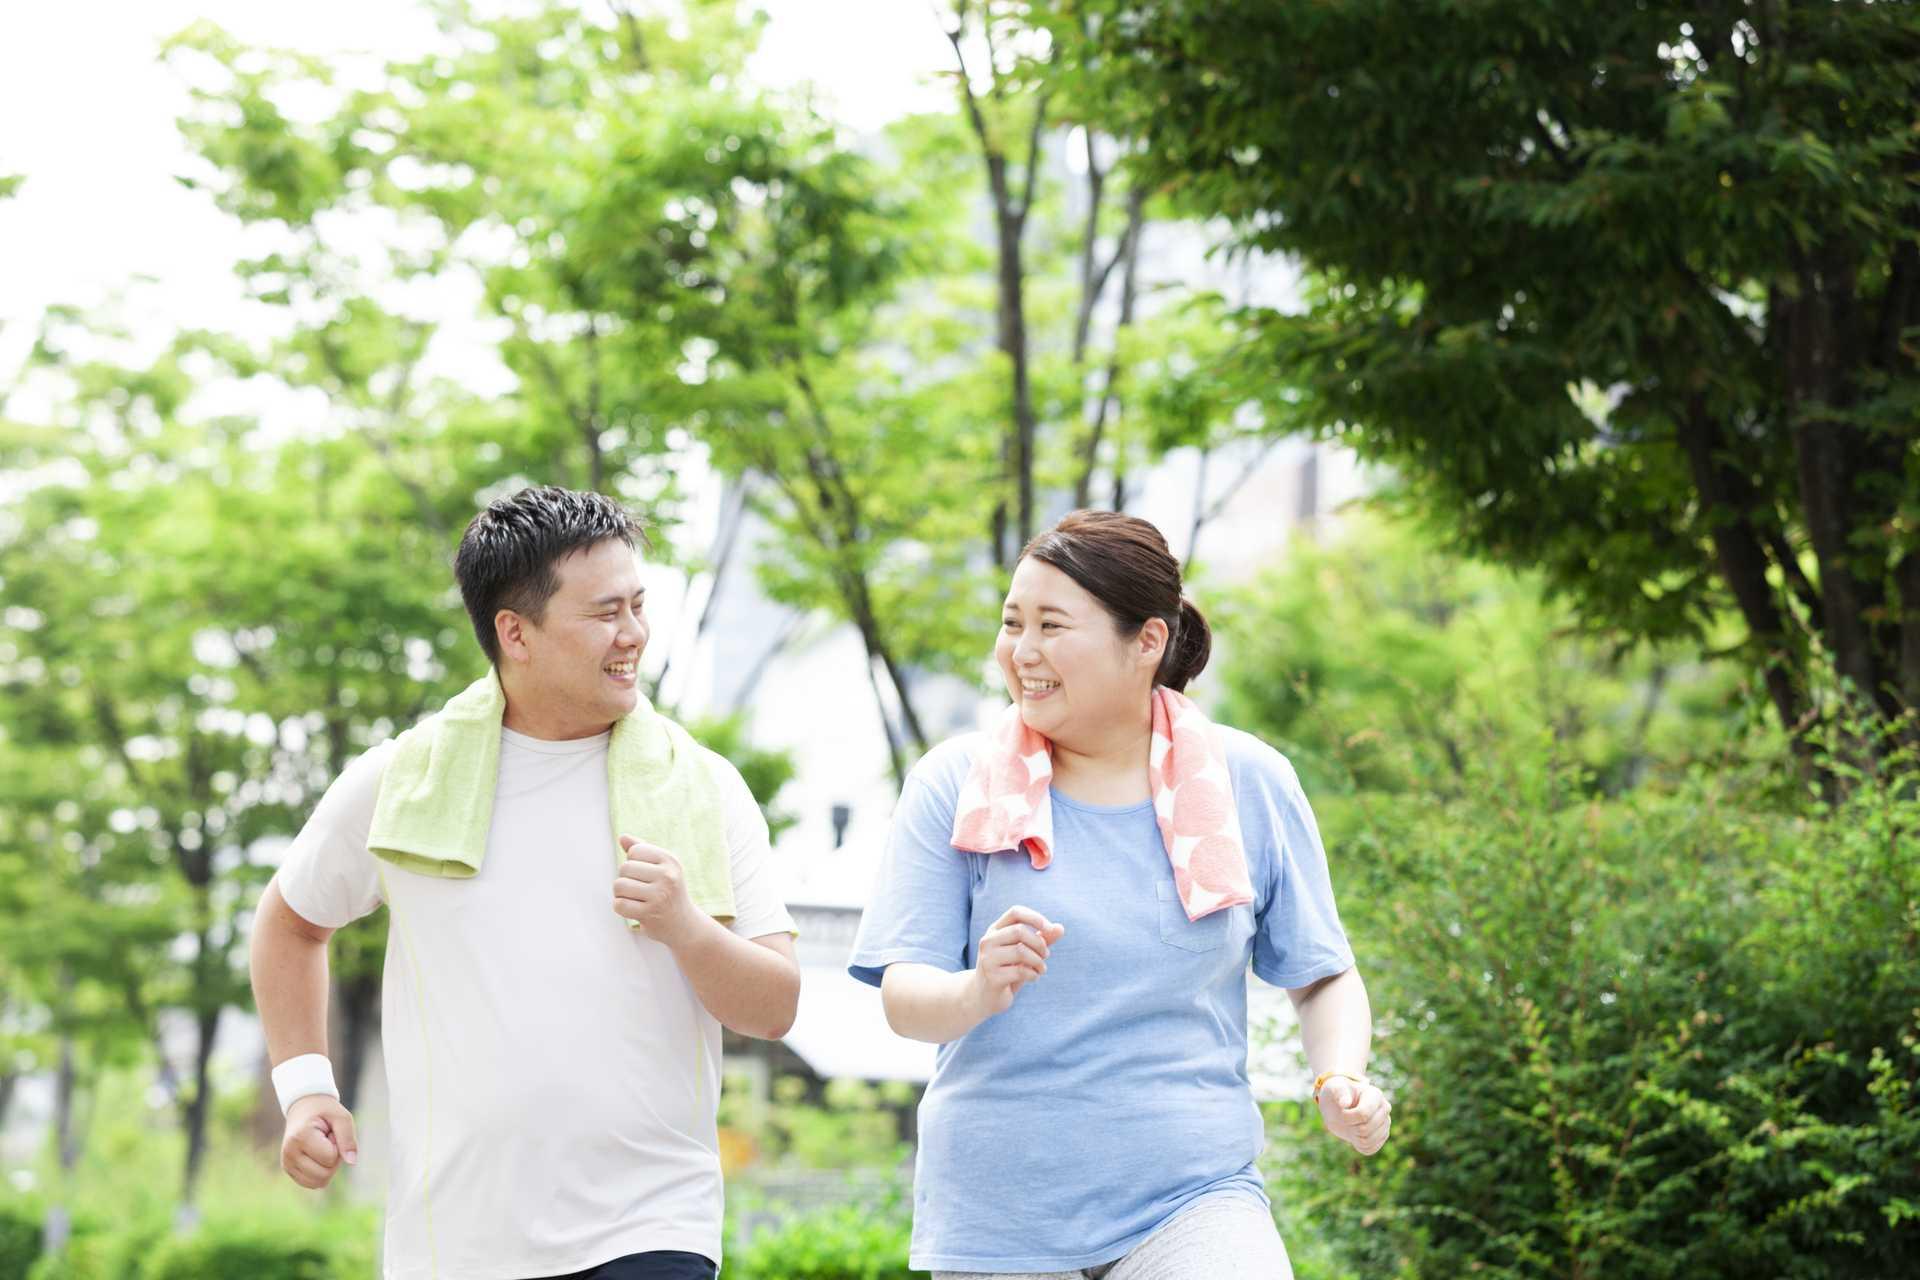 健康で大切なのは「1日に歩いた歩数」より「歩き続けた日数」。   健康のためになる30の散歩術